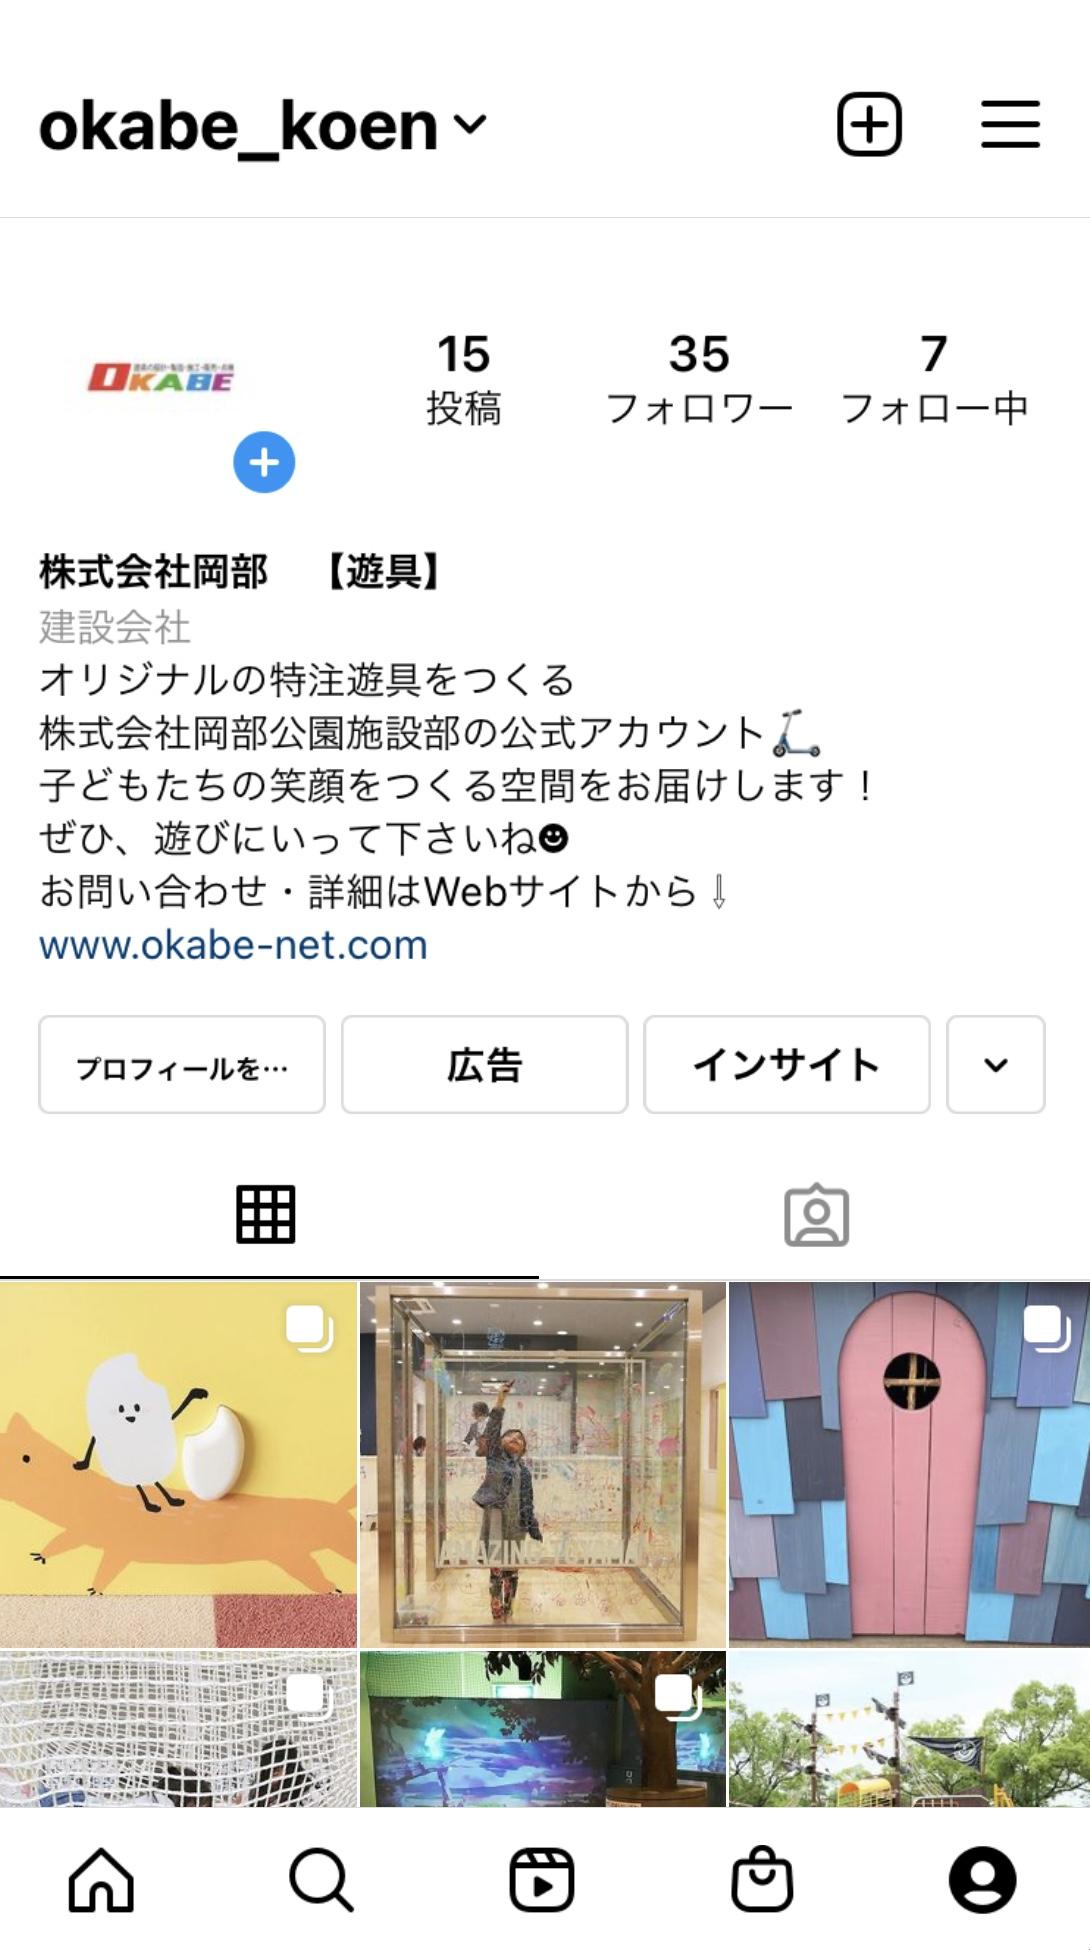 株式会社岡部公式Instagramアカウント